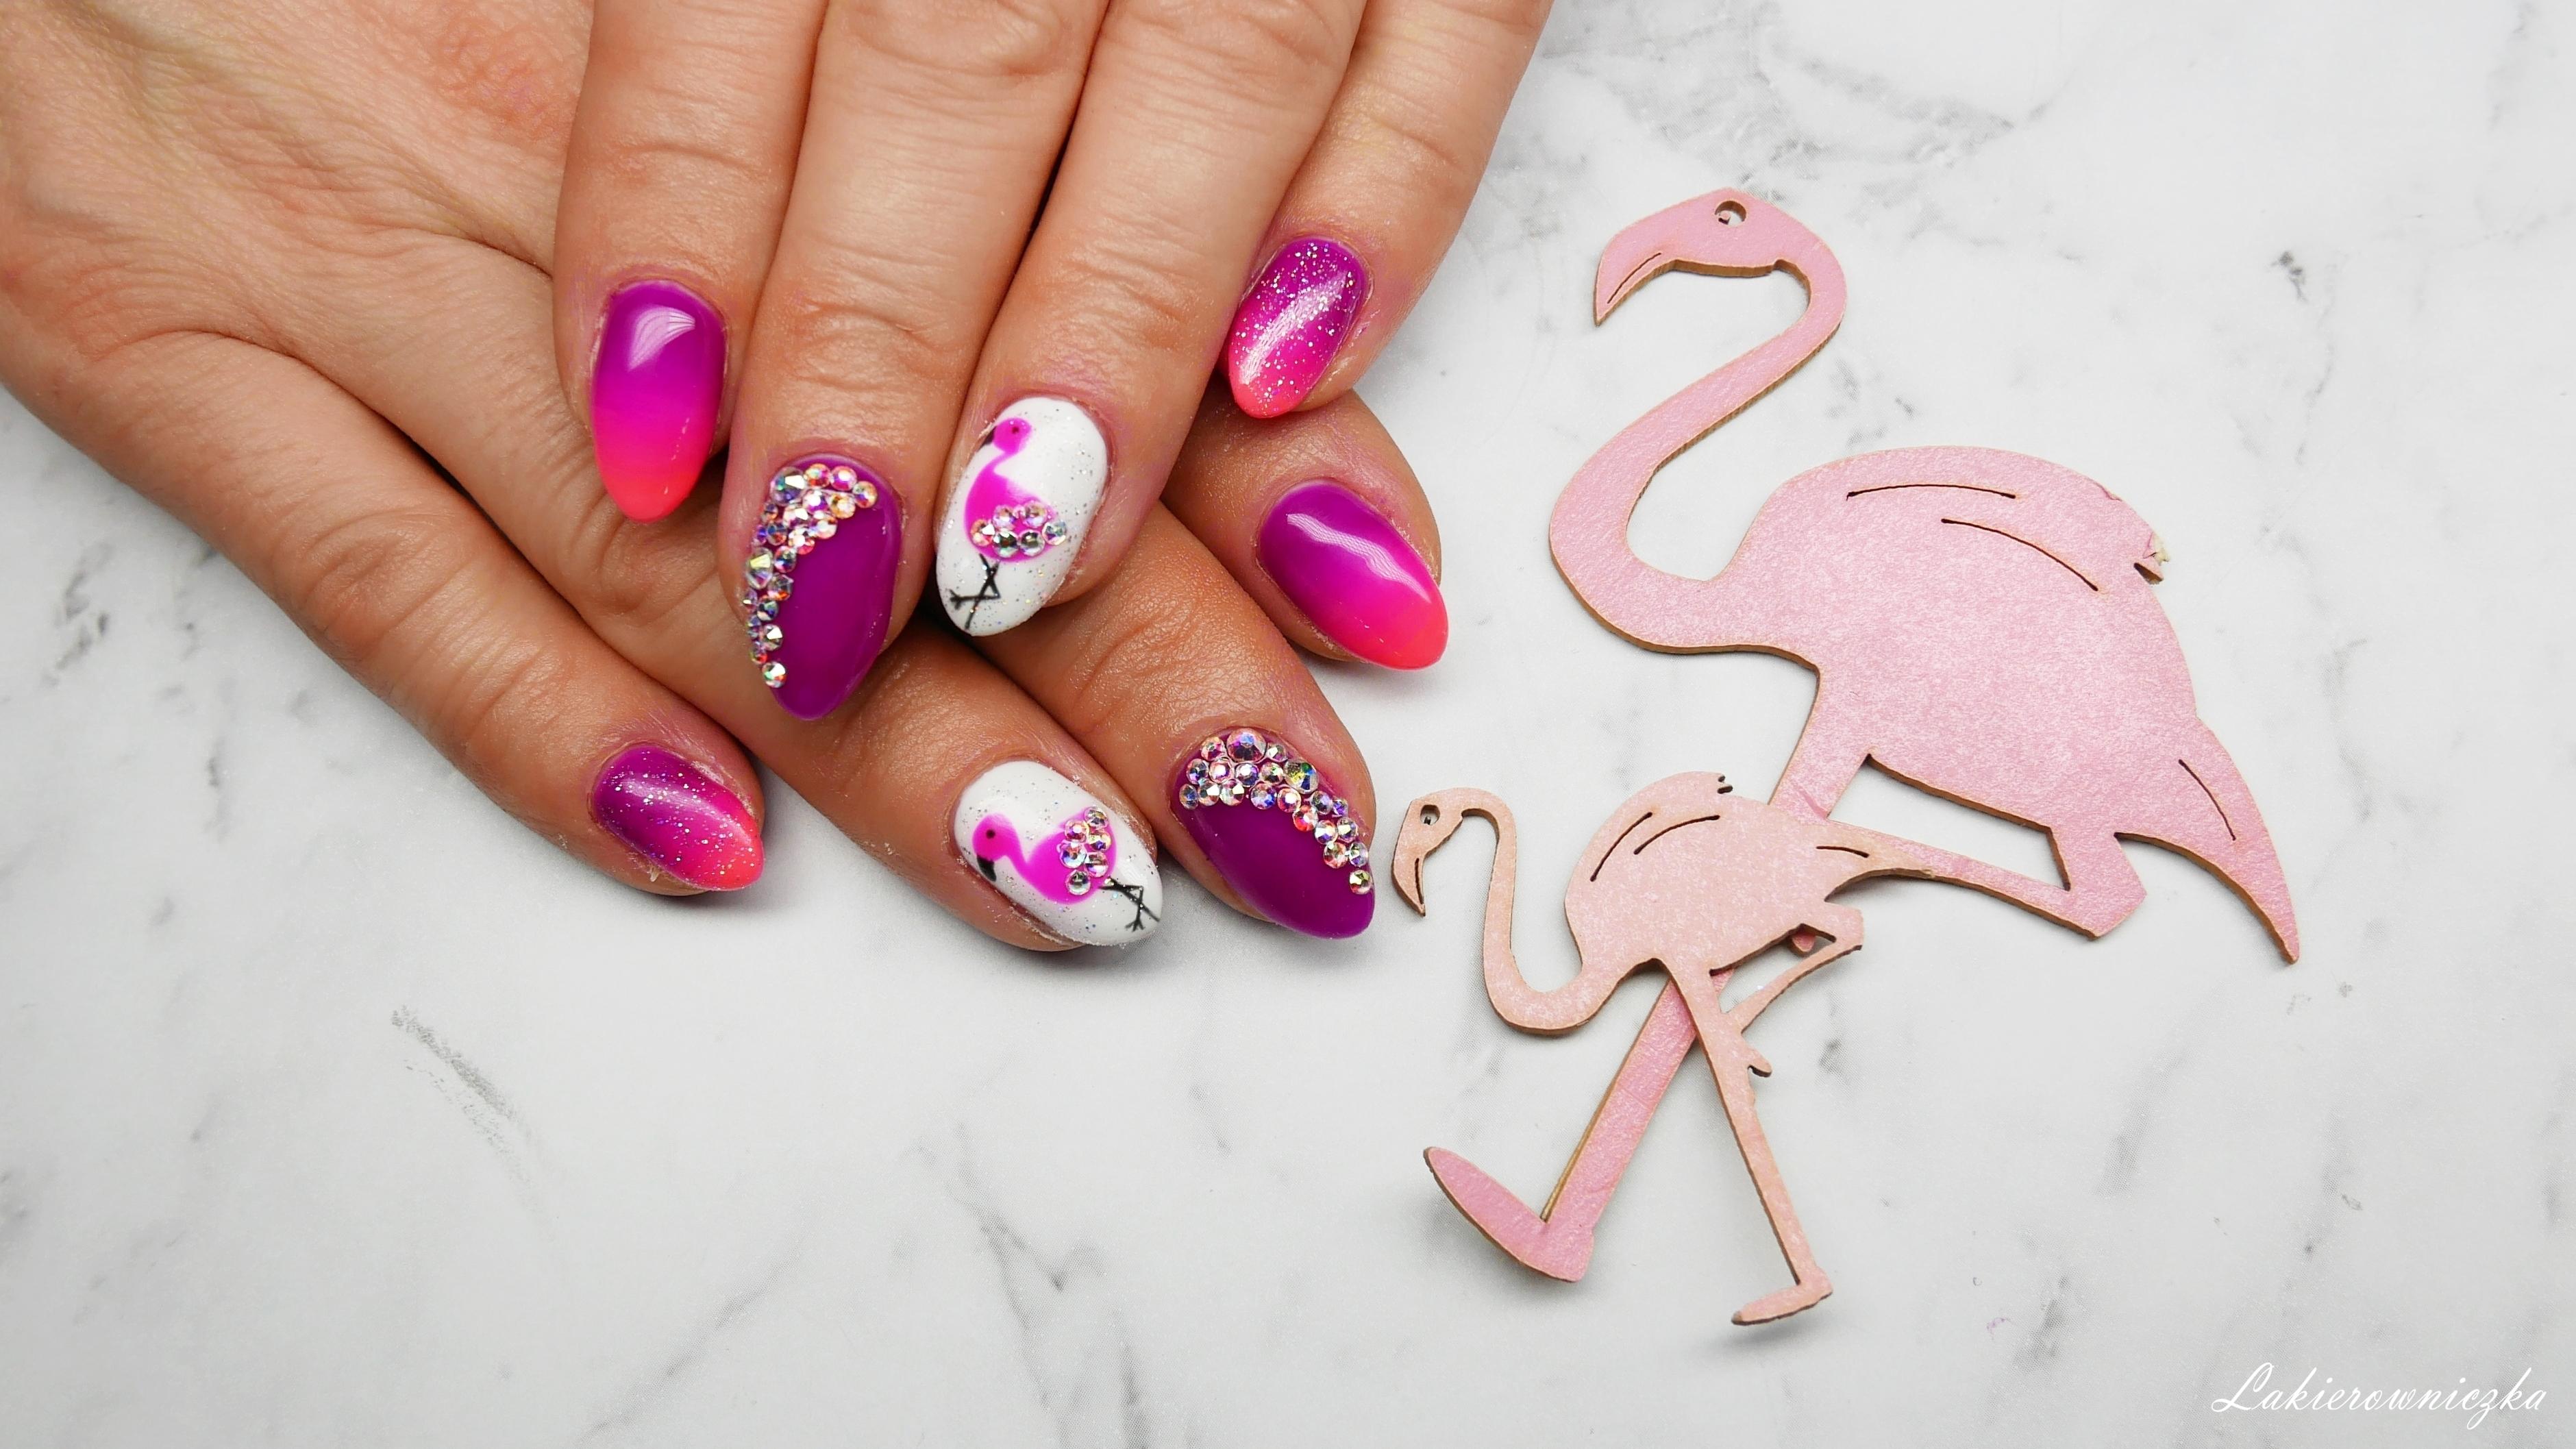 Semilac-034-Mardi-gras-gradient-fiolet-roz-cieniowanie-flaming-cyrkonie-Swarovski-Lakierowniczka-Semilac -34 Mardi Gras